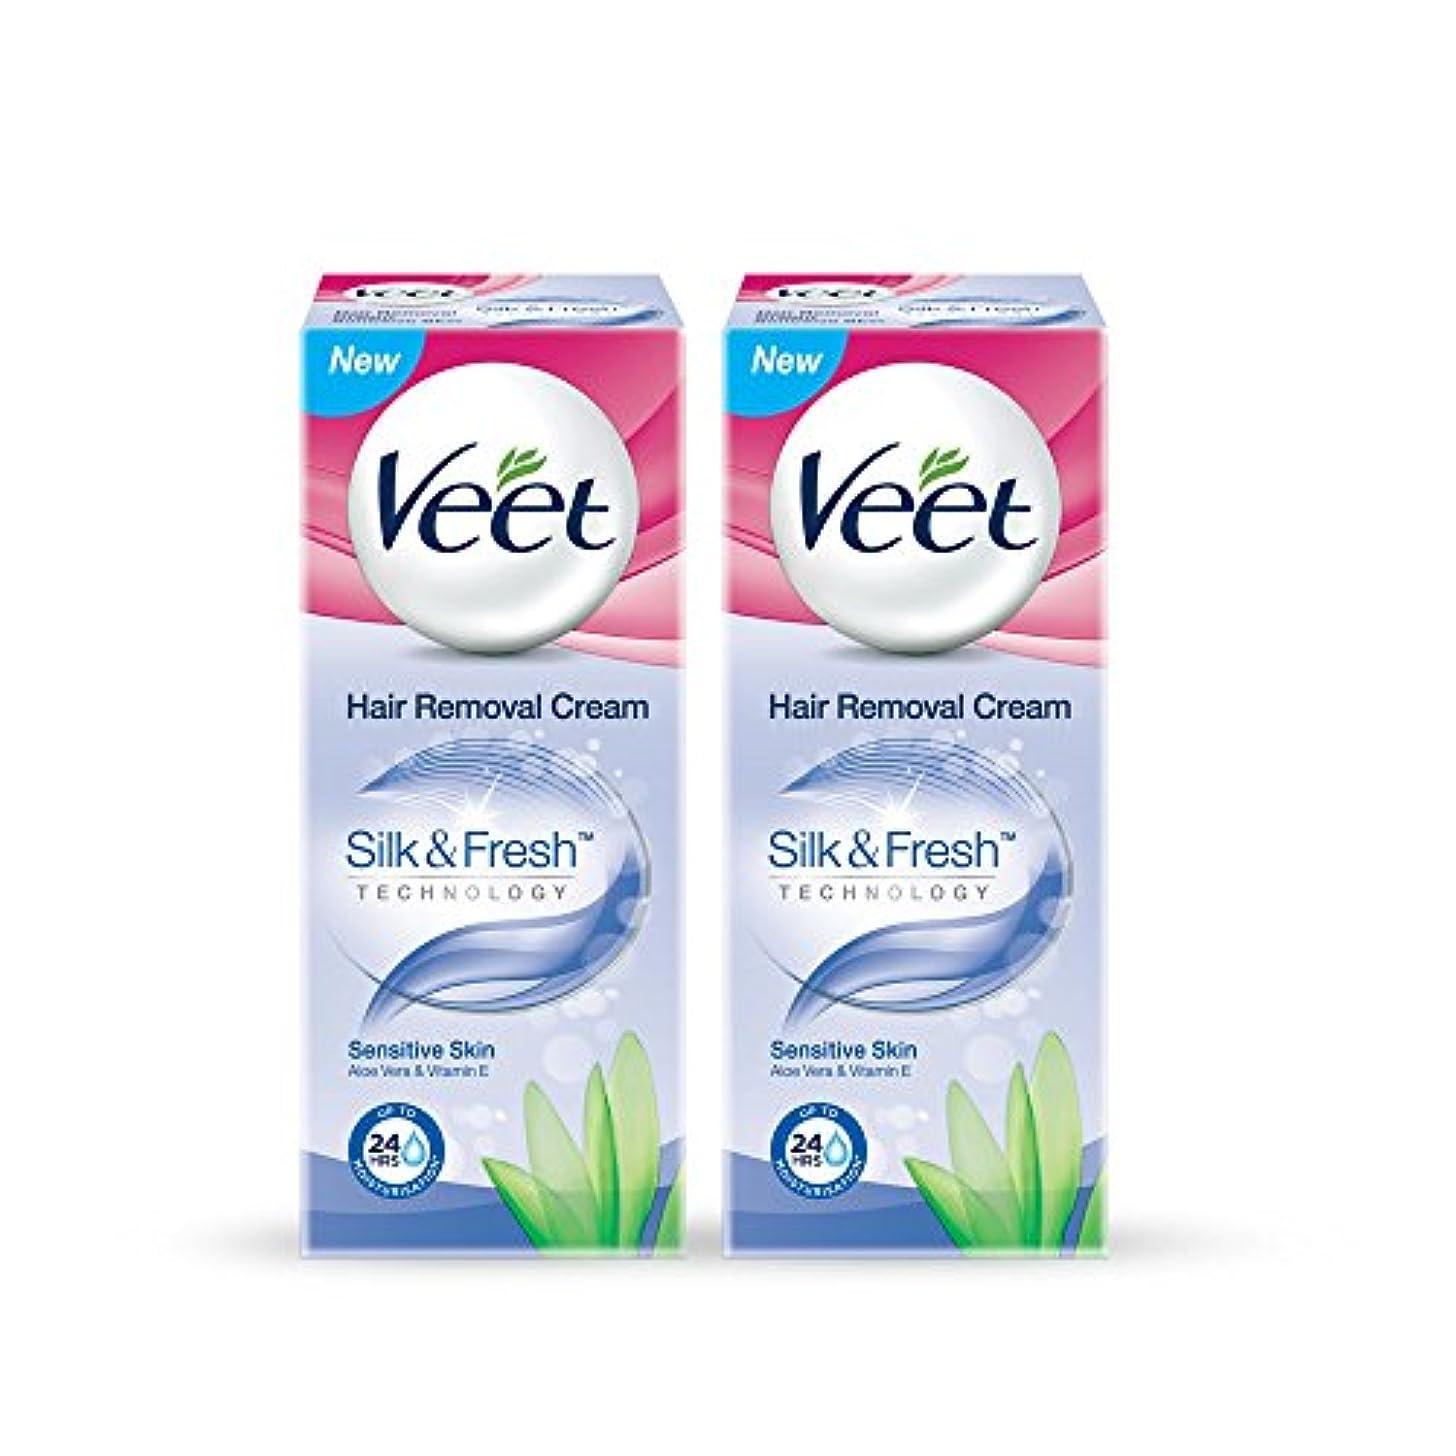 バック仲間バーマドVeet Hair Removal Gel Cream For Sensitive Skin With Aloe Vera and Vitamin E 25 g (Pack of 2)